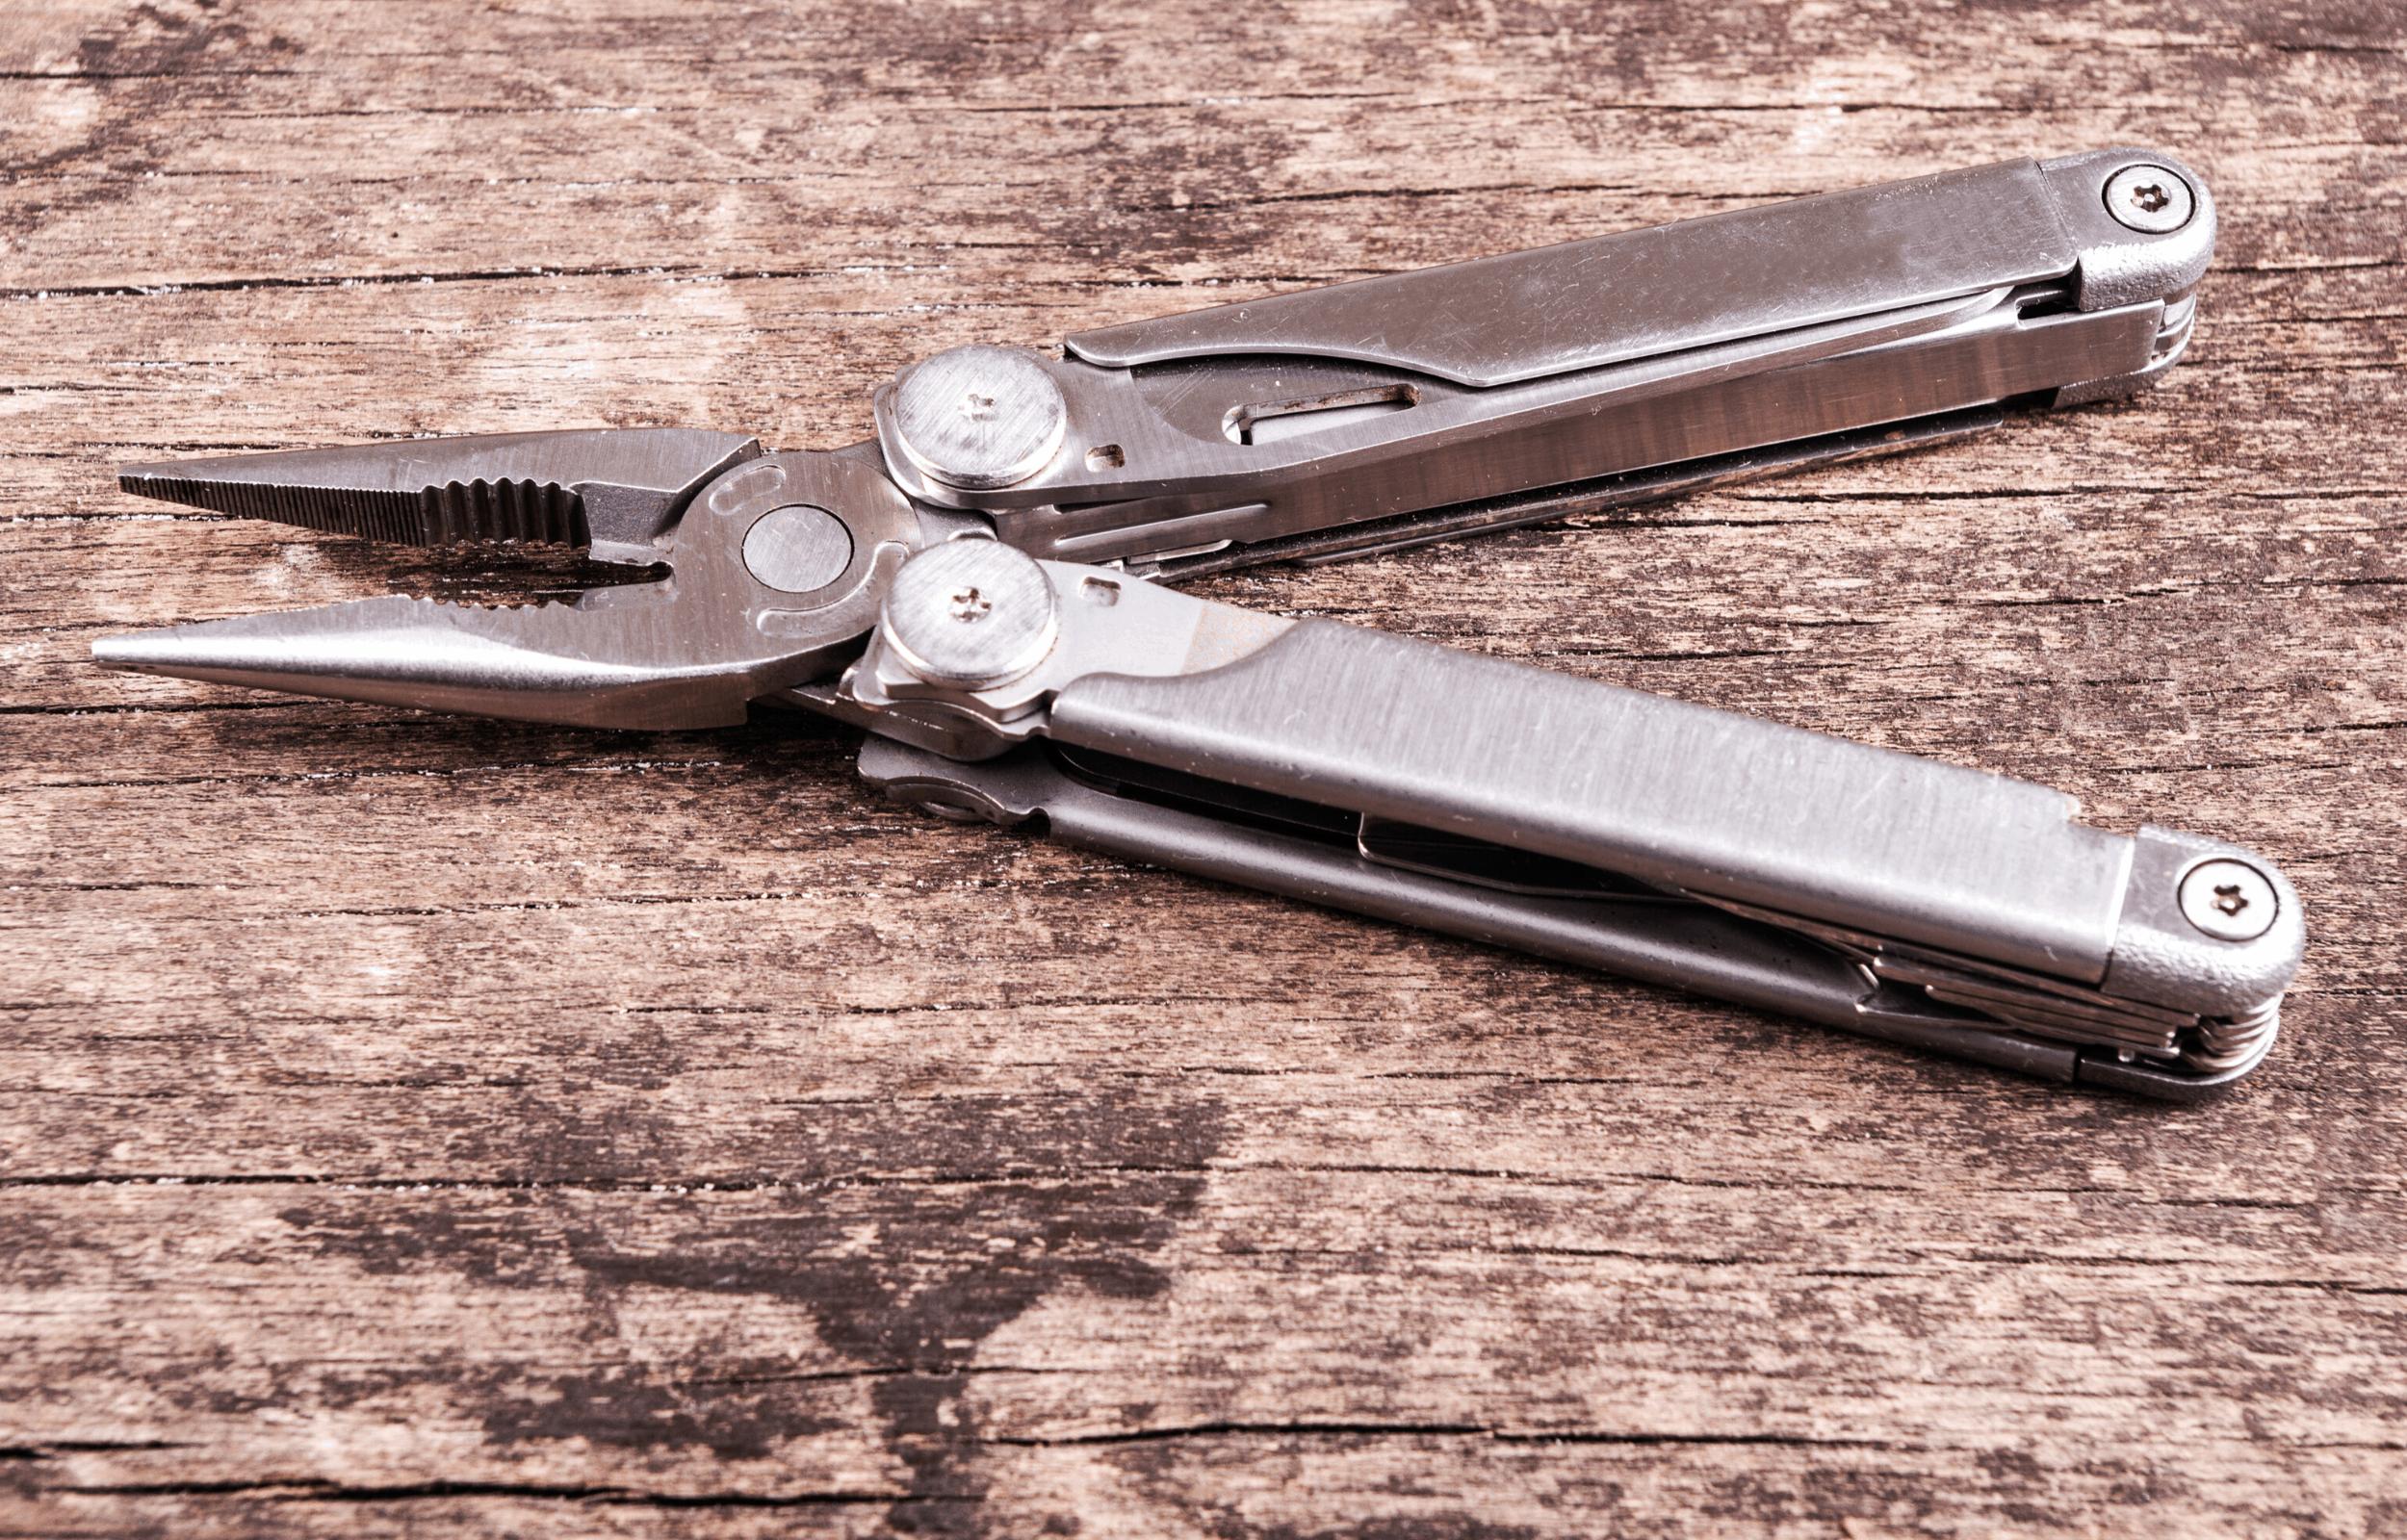 letterman multi tool